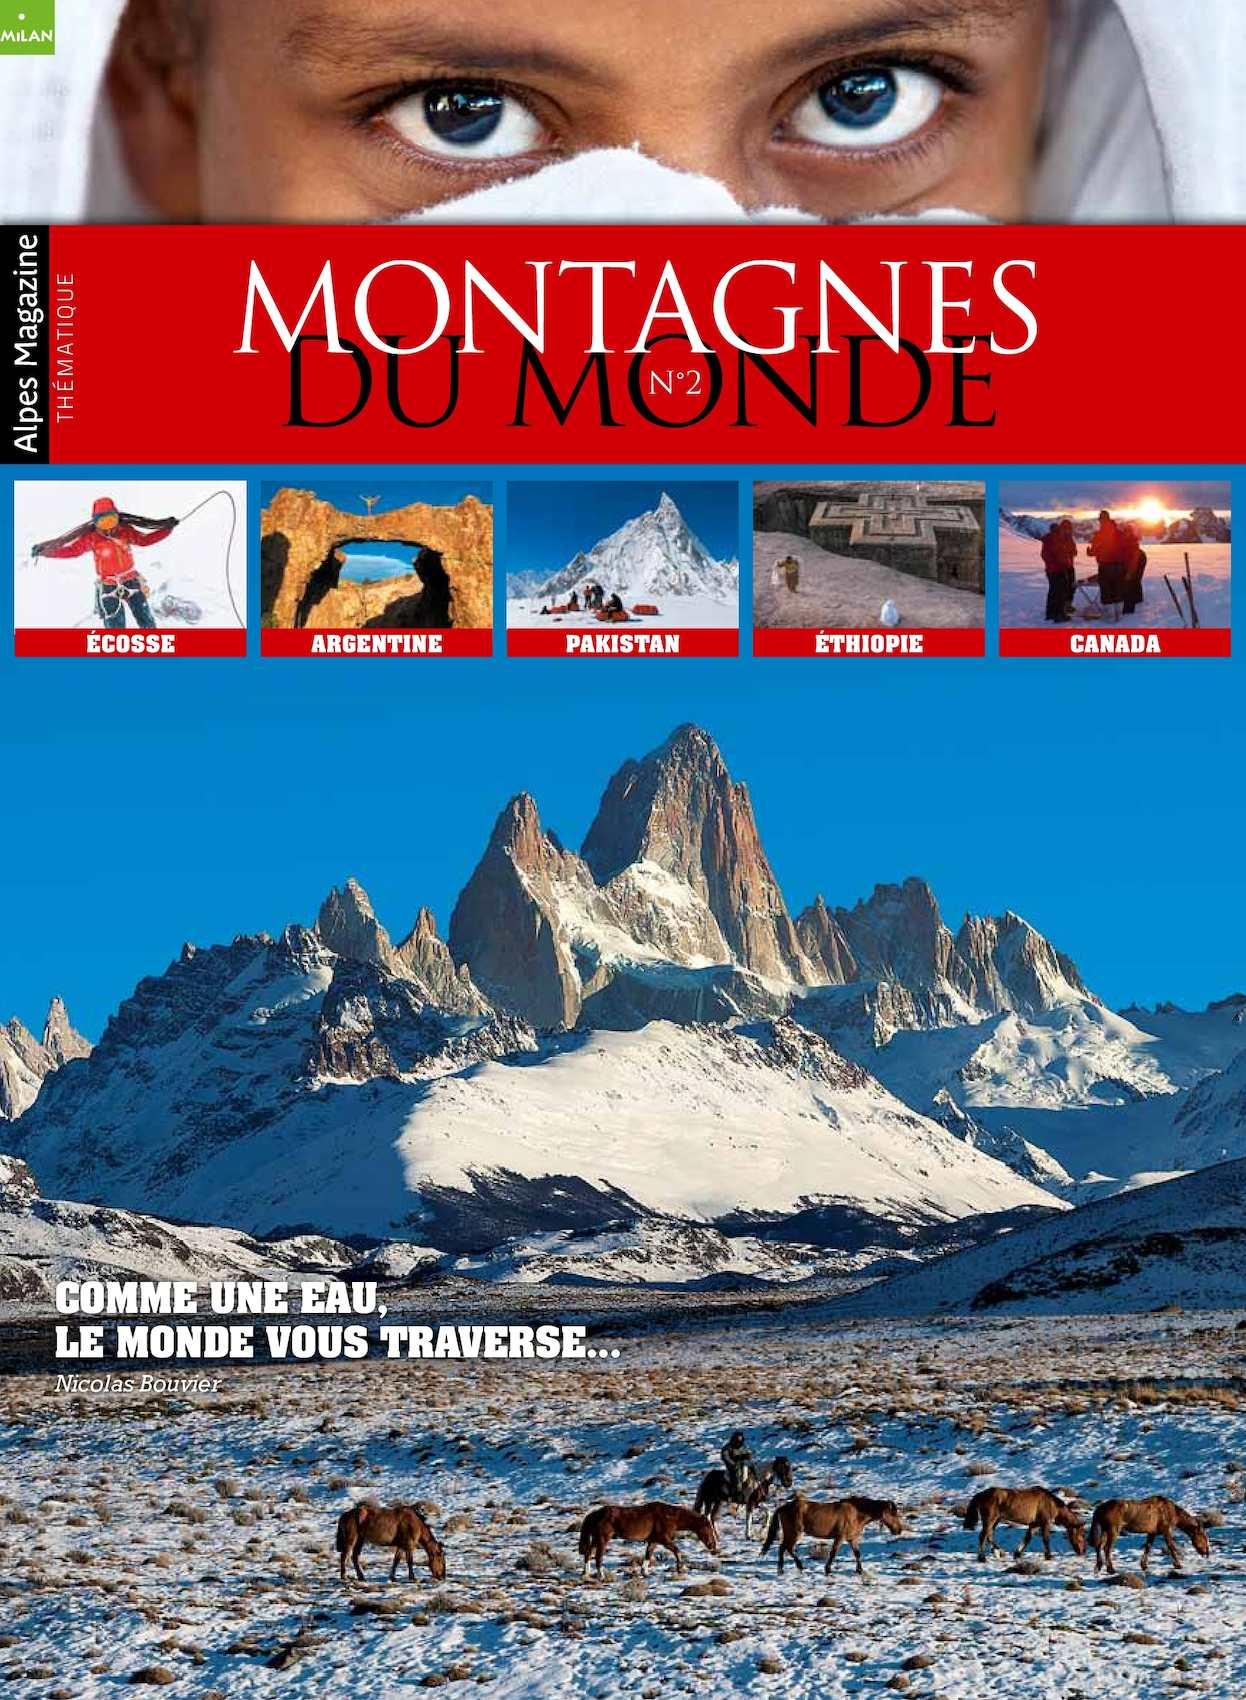 Montagnes du Monde n°2